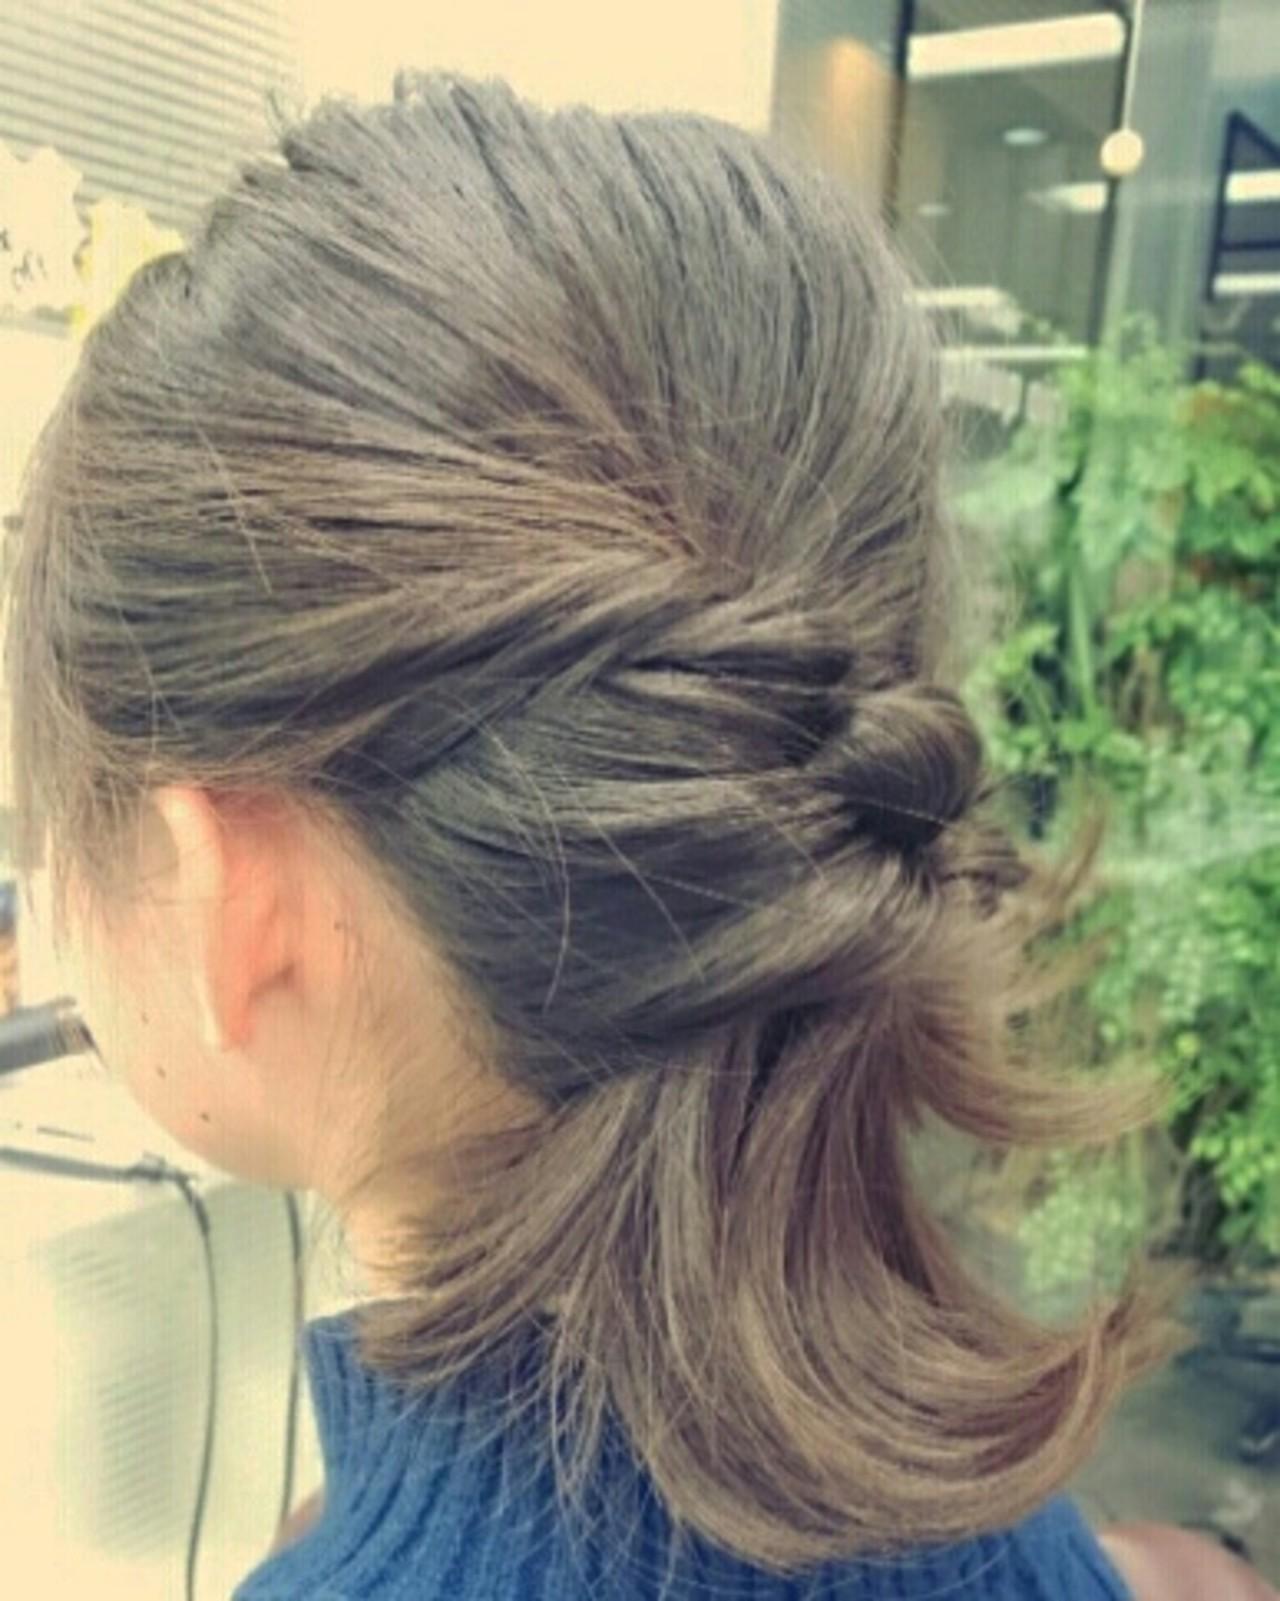 カール ナチュラル くるりんぱ ミディアム ヘアスタイルや髪型の写真・画像 | minori kato / pinup girl